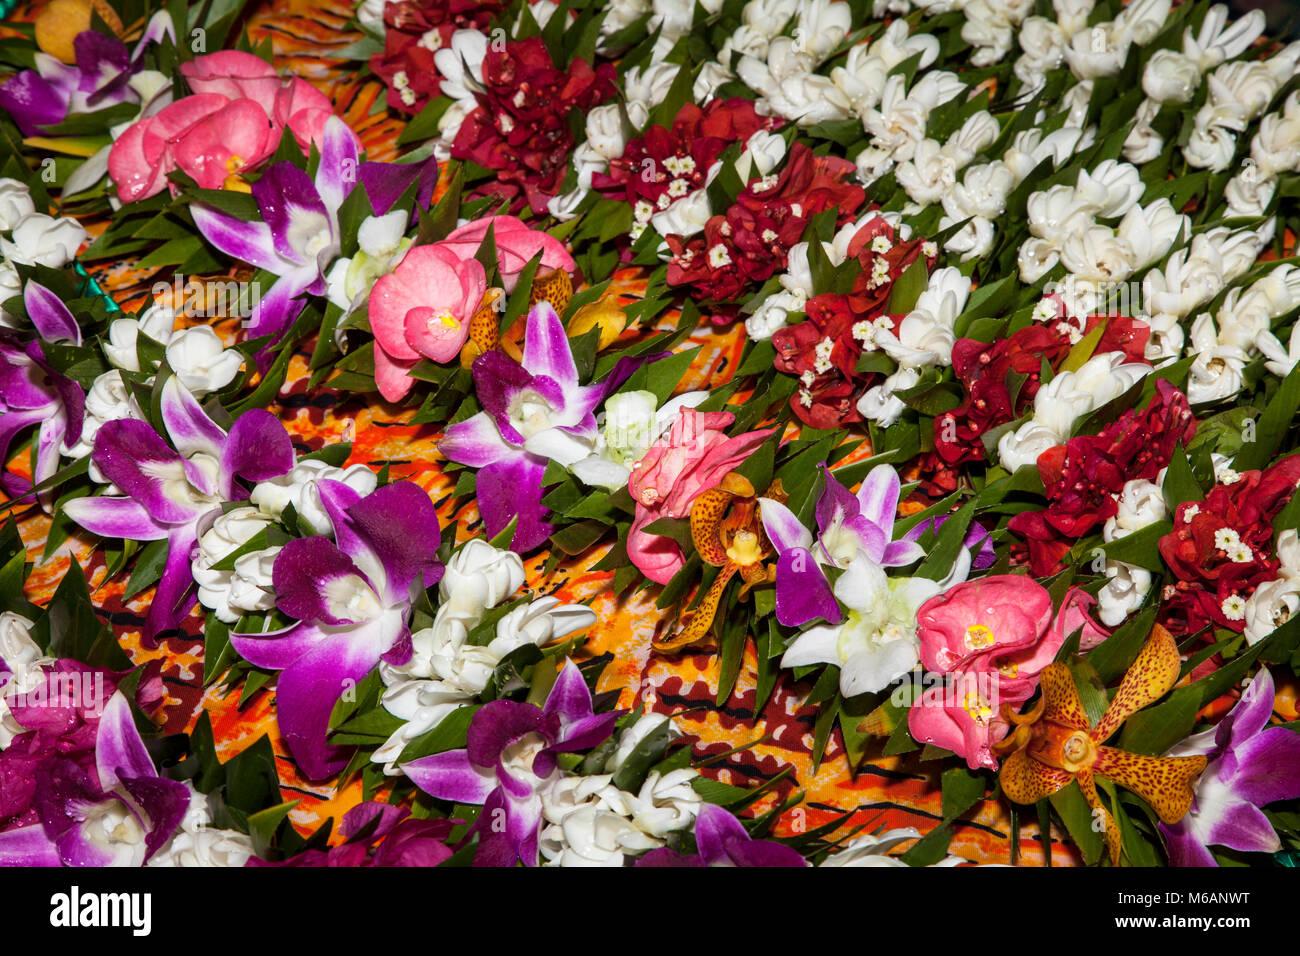 Blume Ketten, Blumen, Markthalle in Papeete, Tahiti, Französisch-Polynesien Stockbild